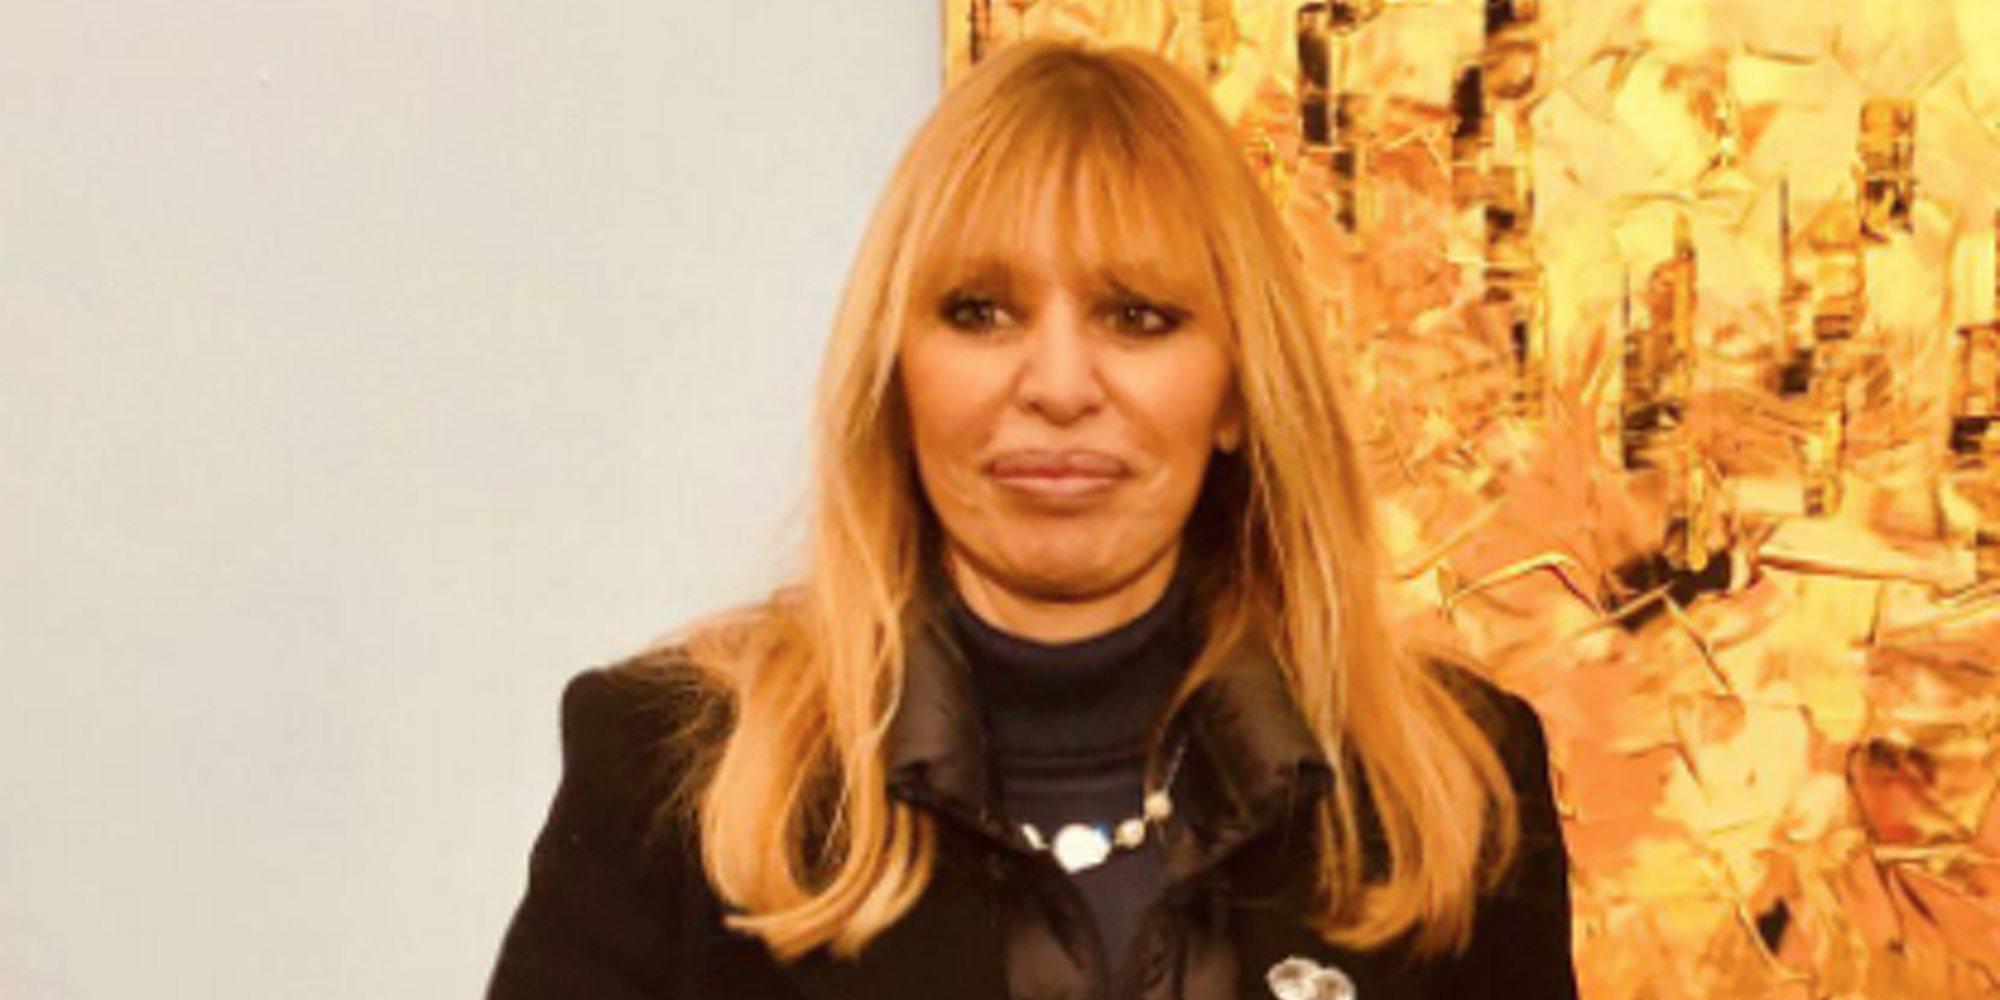 La nieta de Mussolini, muy enfadada con Jim Carrey por la imitación a su abuelo